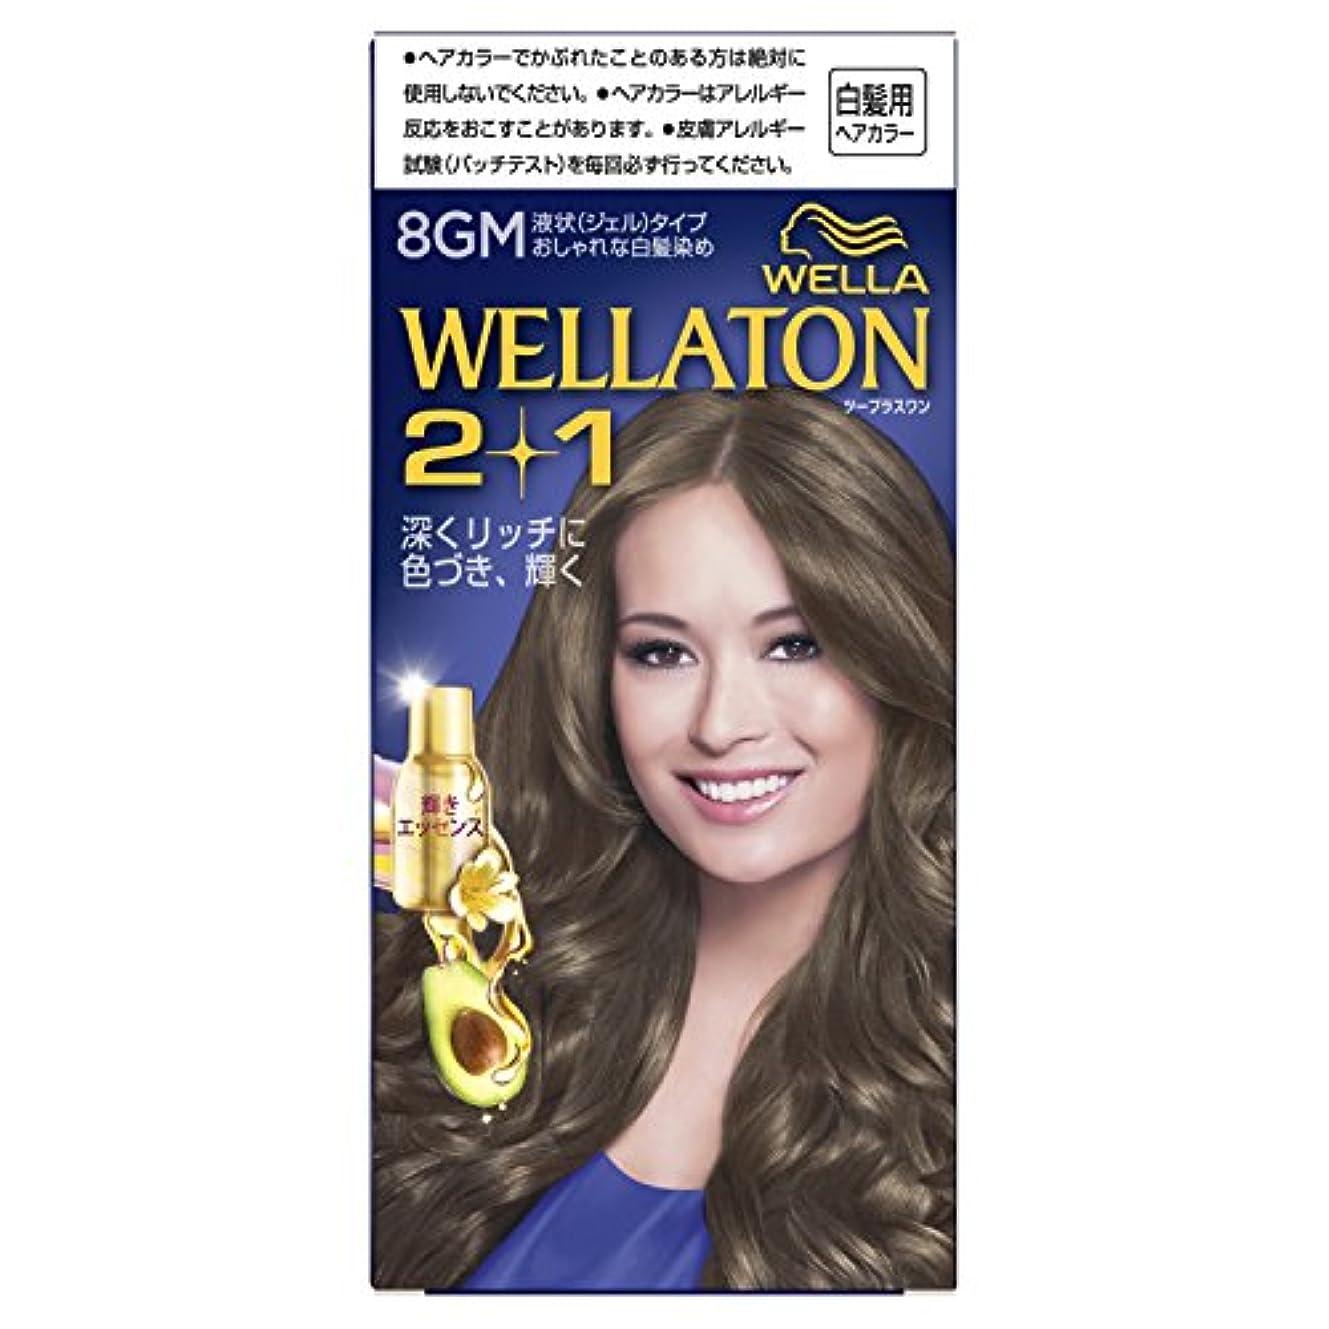 優雅な尾虐待ウエラトーン2+1 液状タイプ 8GM [医薬部外品](おしゃれな白髪染め)